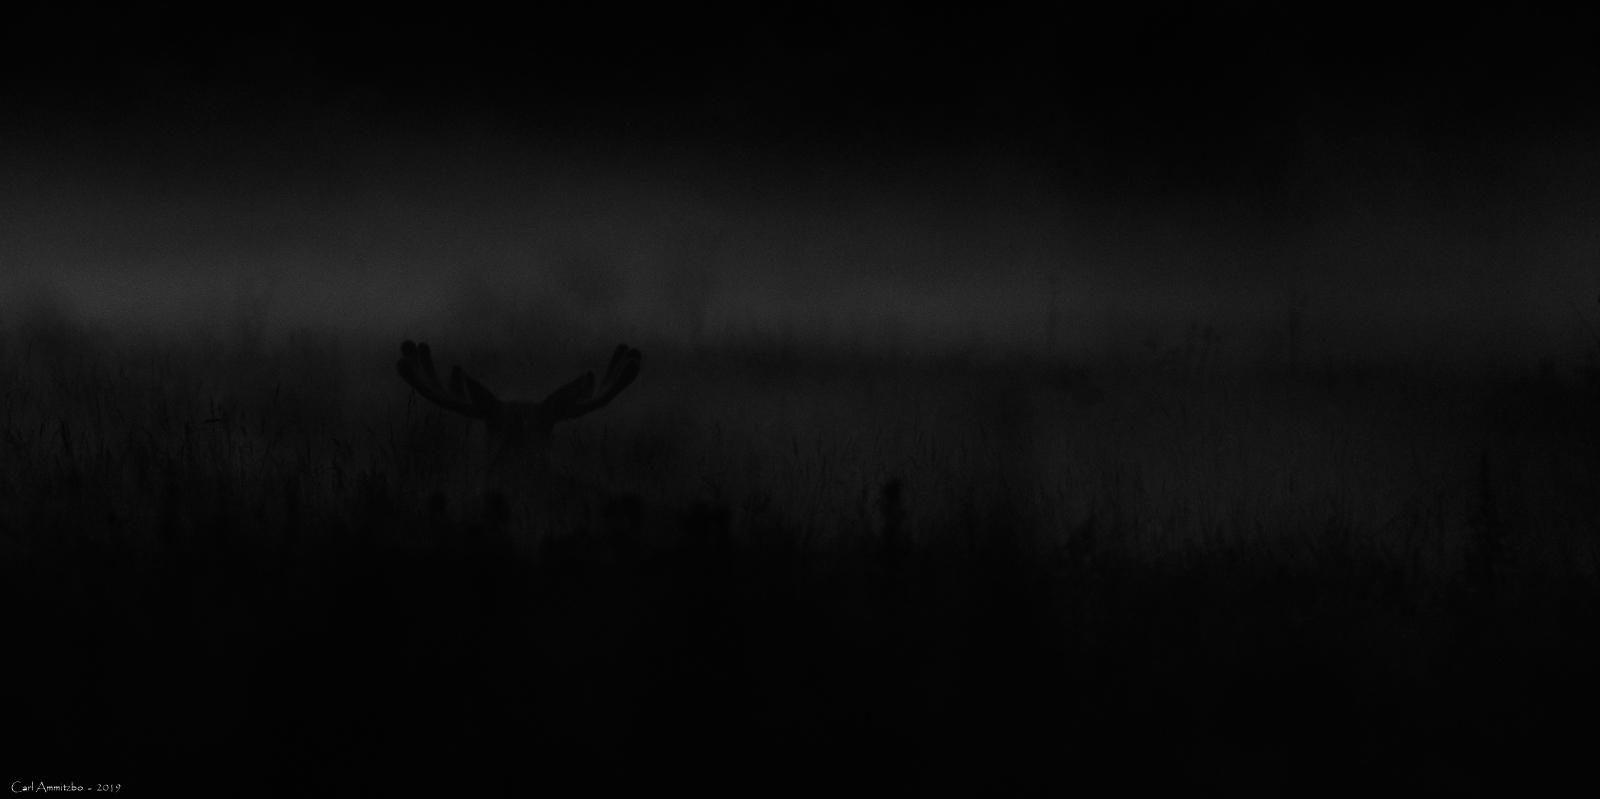 03 - 0712 - Elgtyr - sh 04a - Bergslagen